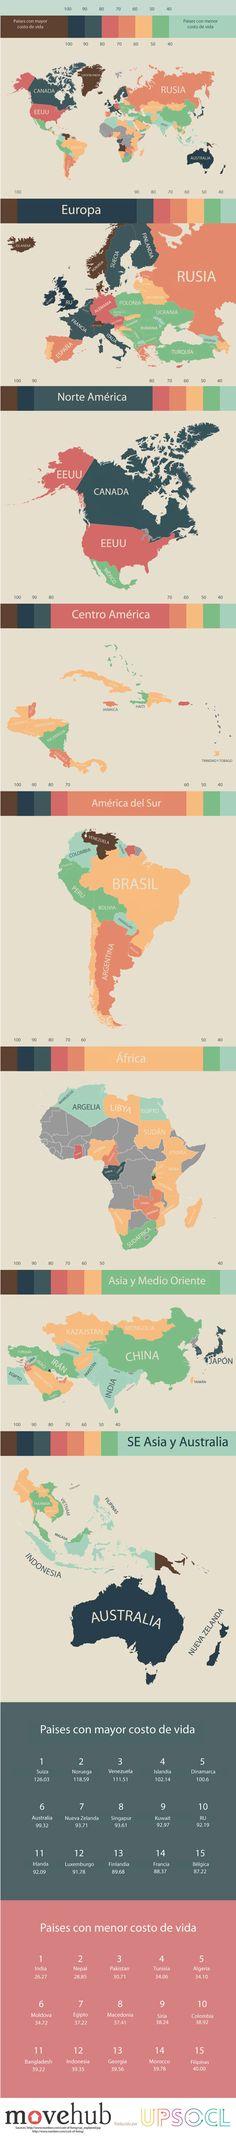 El costo de vivir en cada lugar